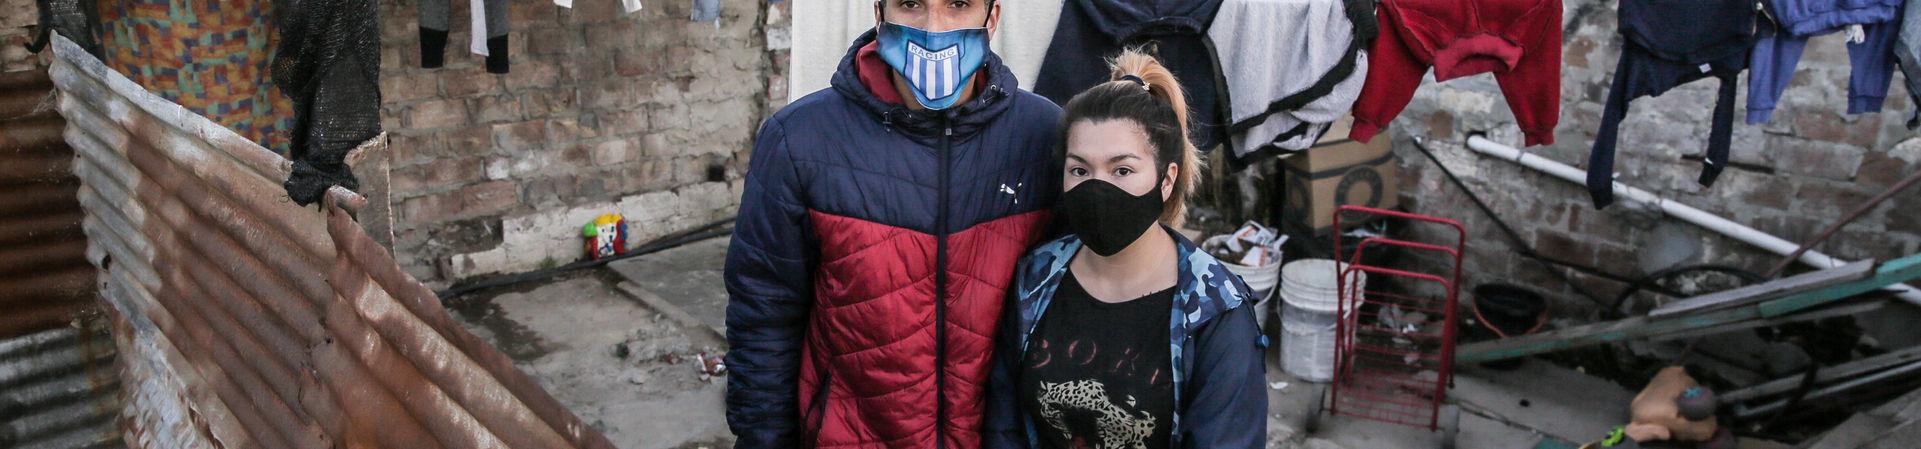 """""""Pandemia en barrios vulnerables"""" / Rodrigo Caballero"""